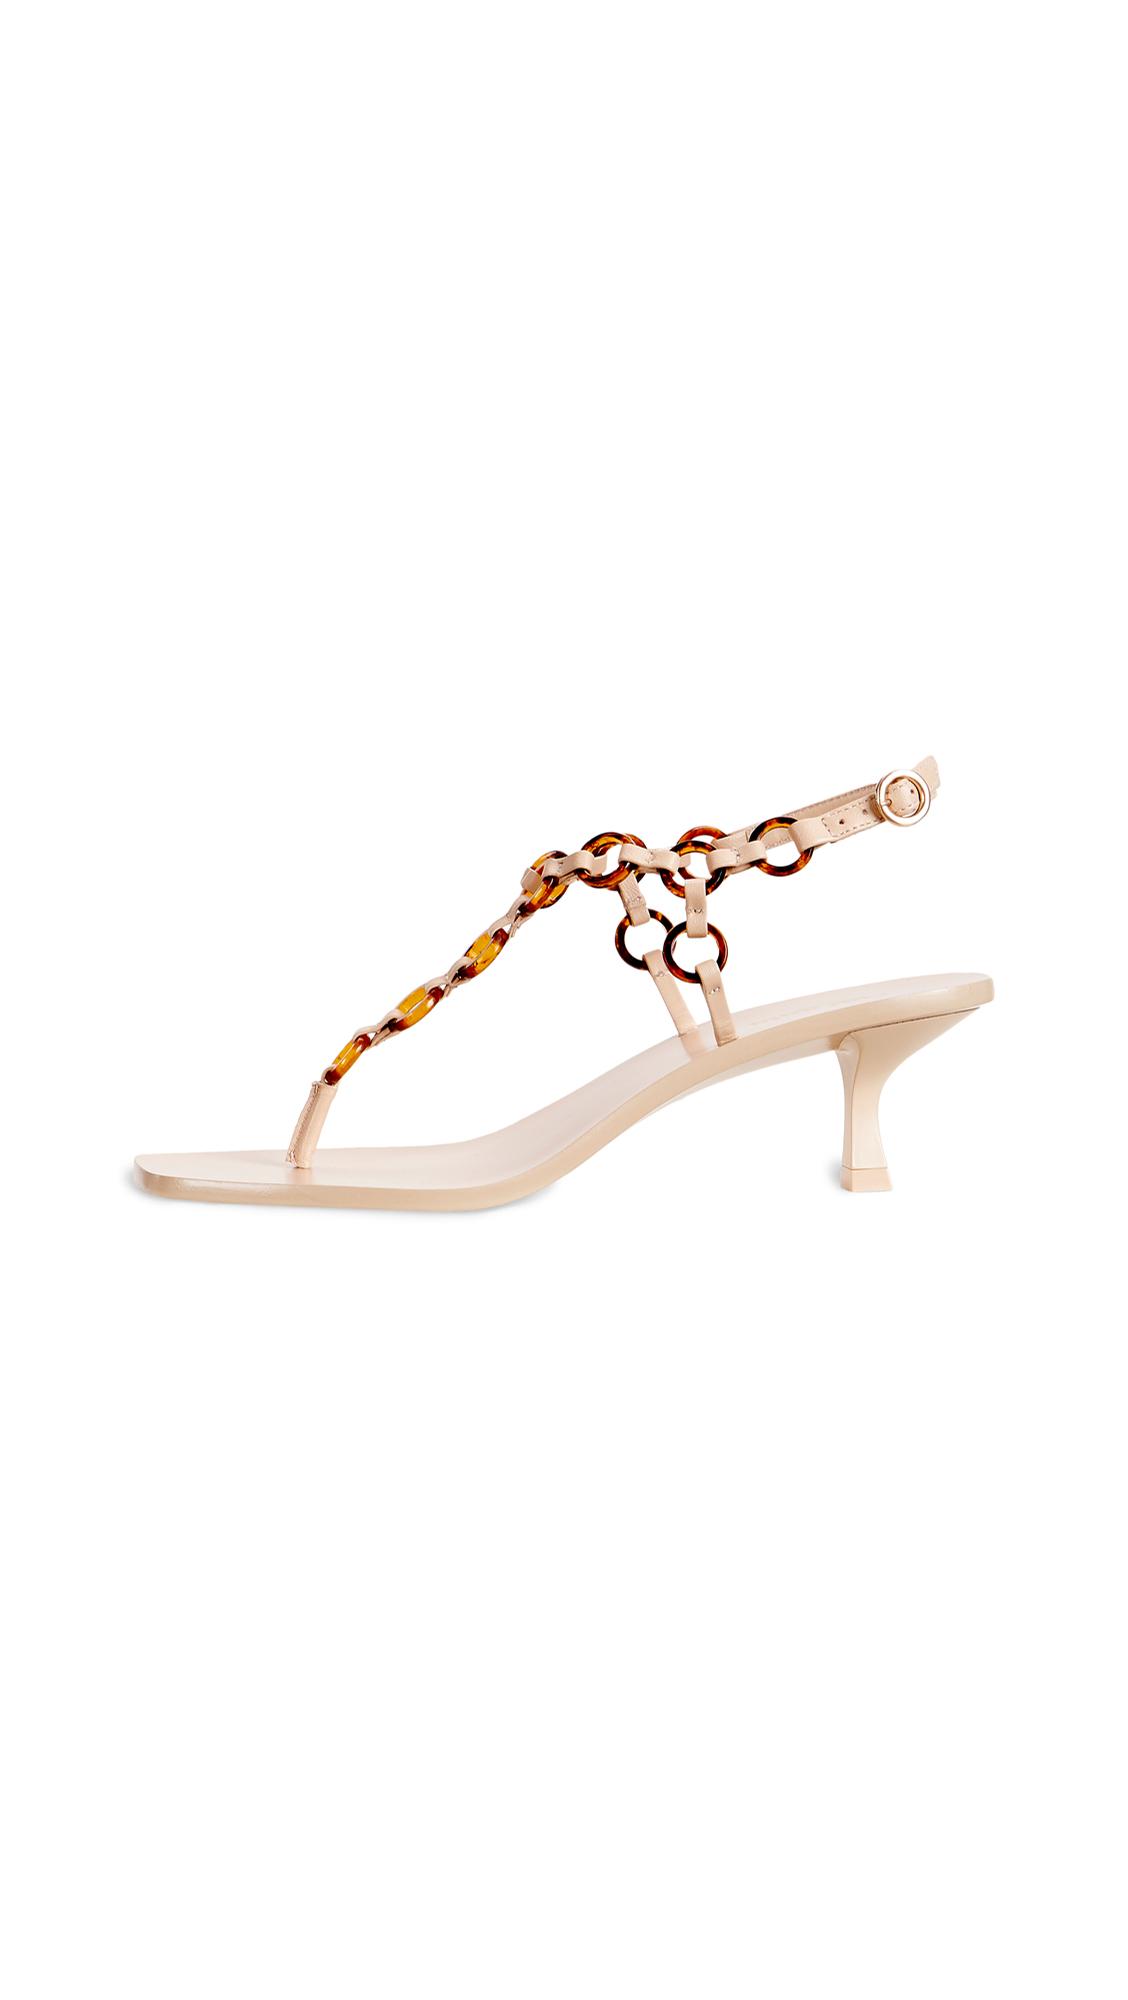 Buy Cult Gaia Caitlyn Heel Sandals online, shop Cult Gaia